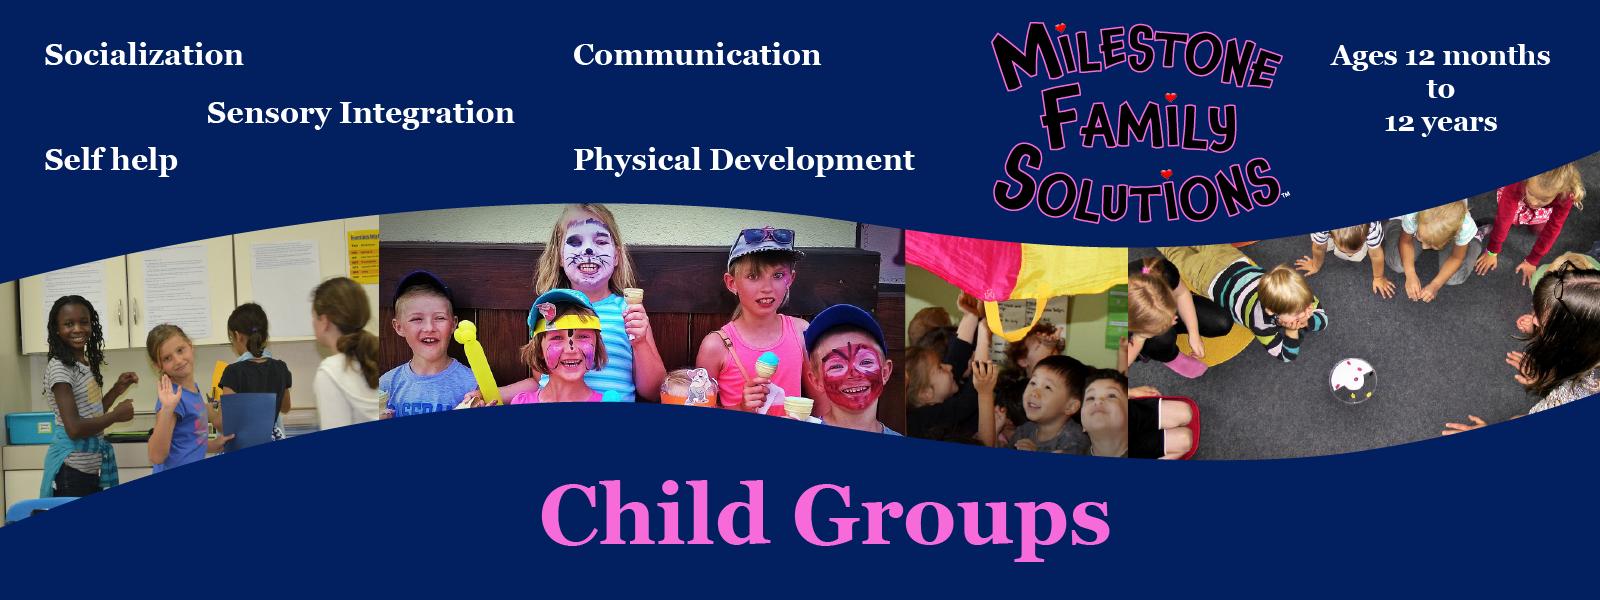 Child groups header